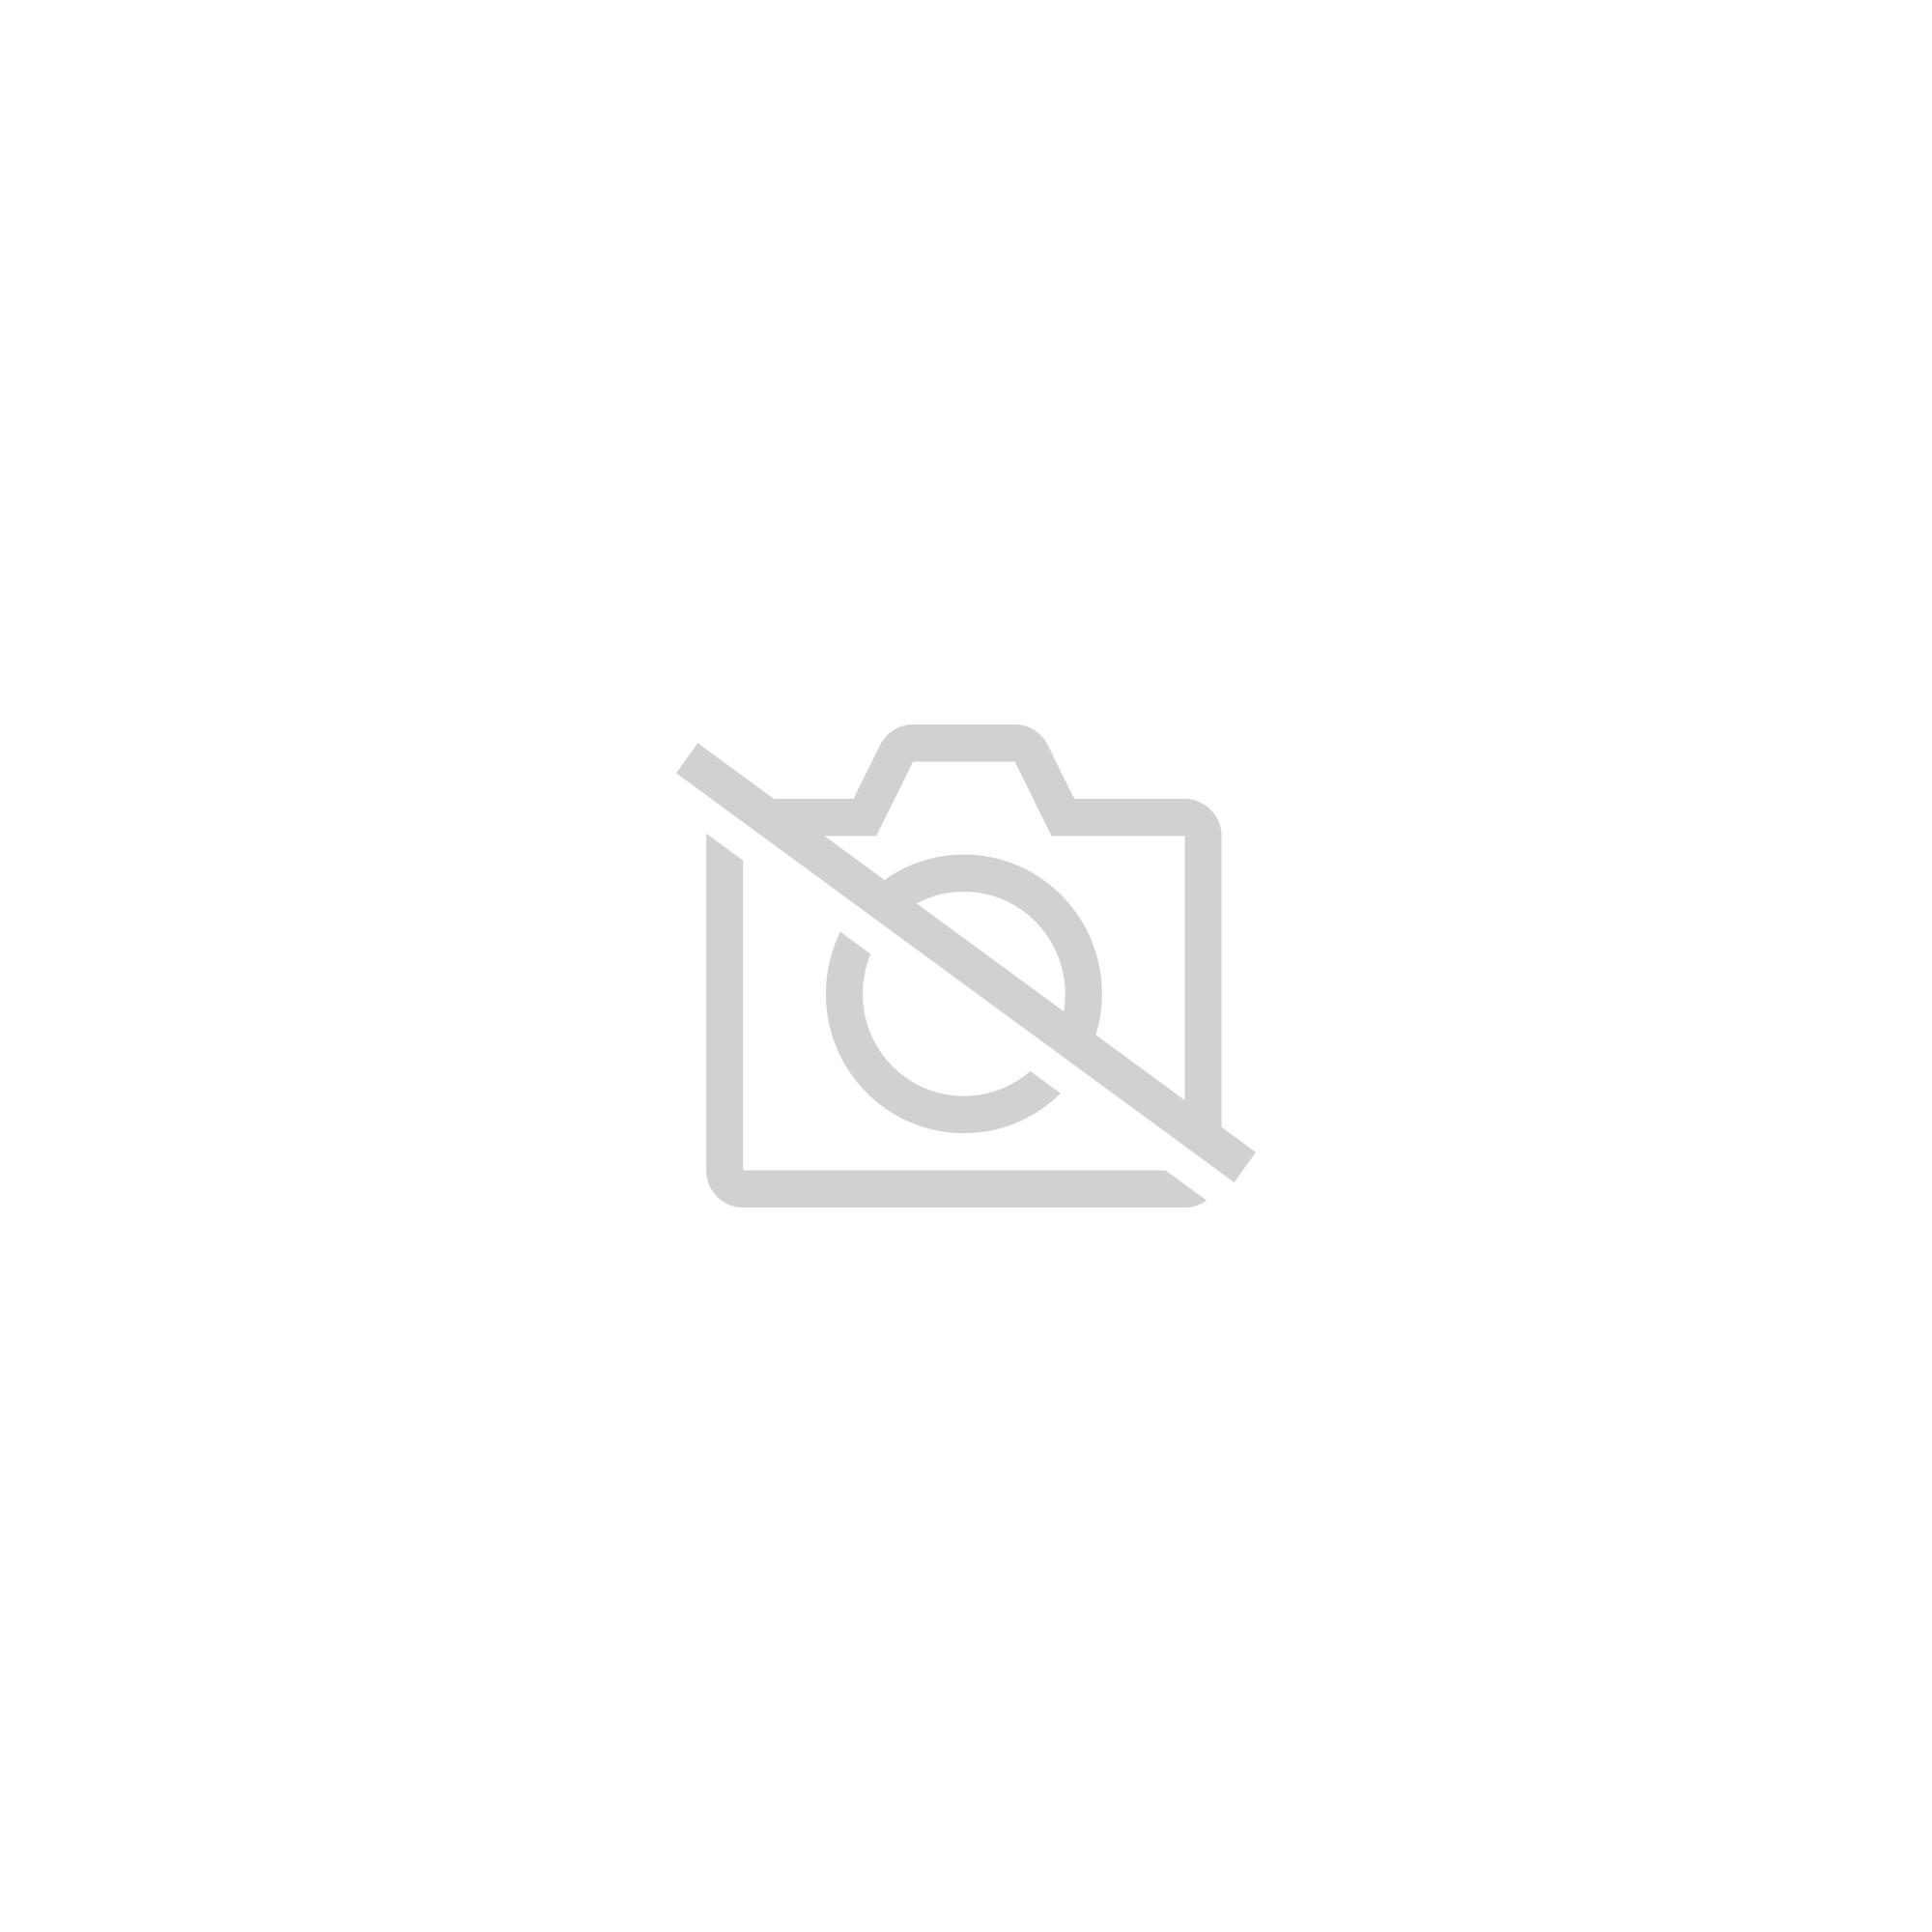 Liste des comptes du plan comptable hospitalier avec leur répartition par groupes fonctionnels. 6ème édition - Ecole des Hautes Etudes en Santé Publique - 06/03/2002